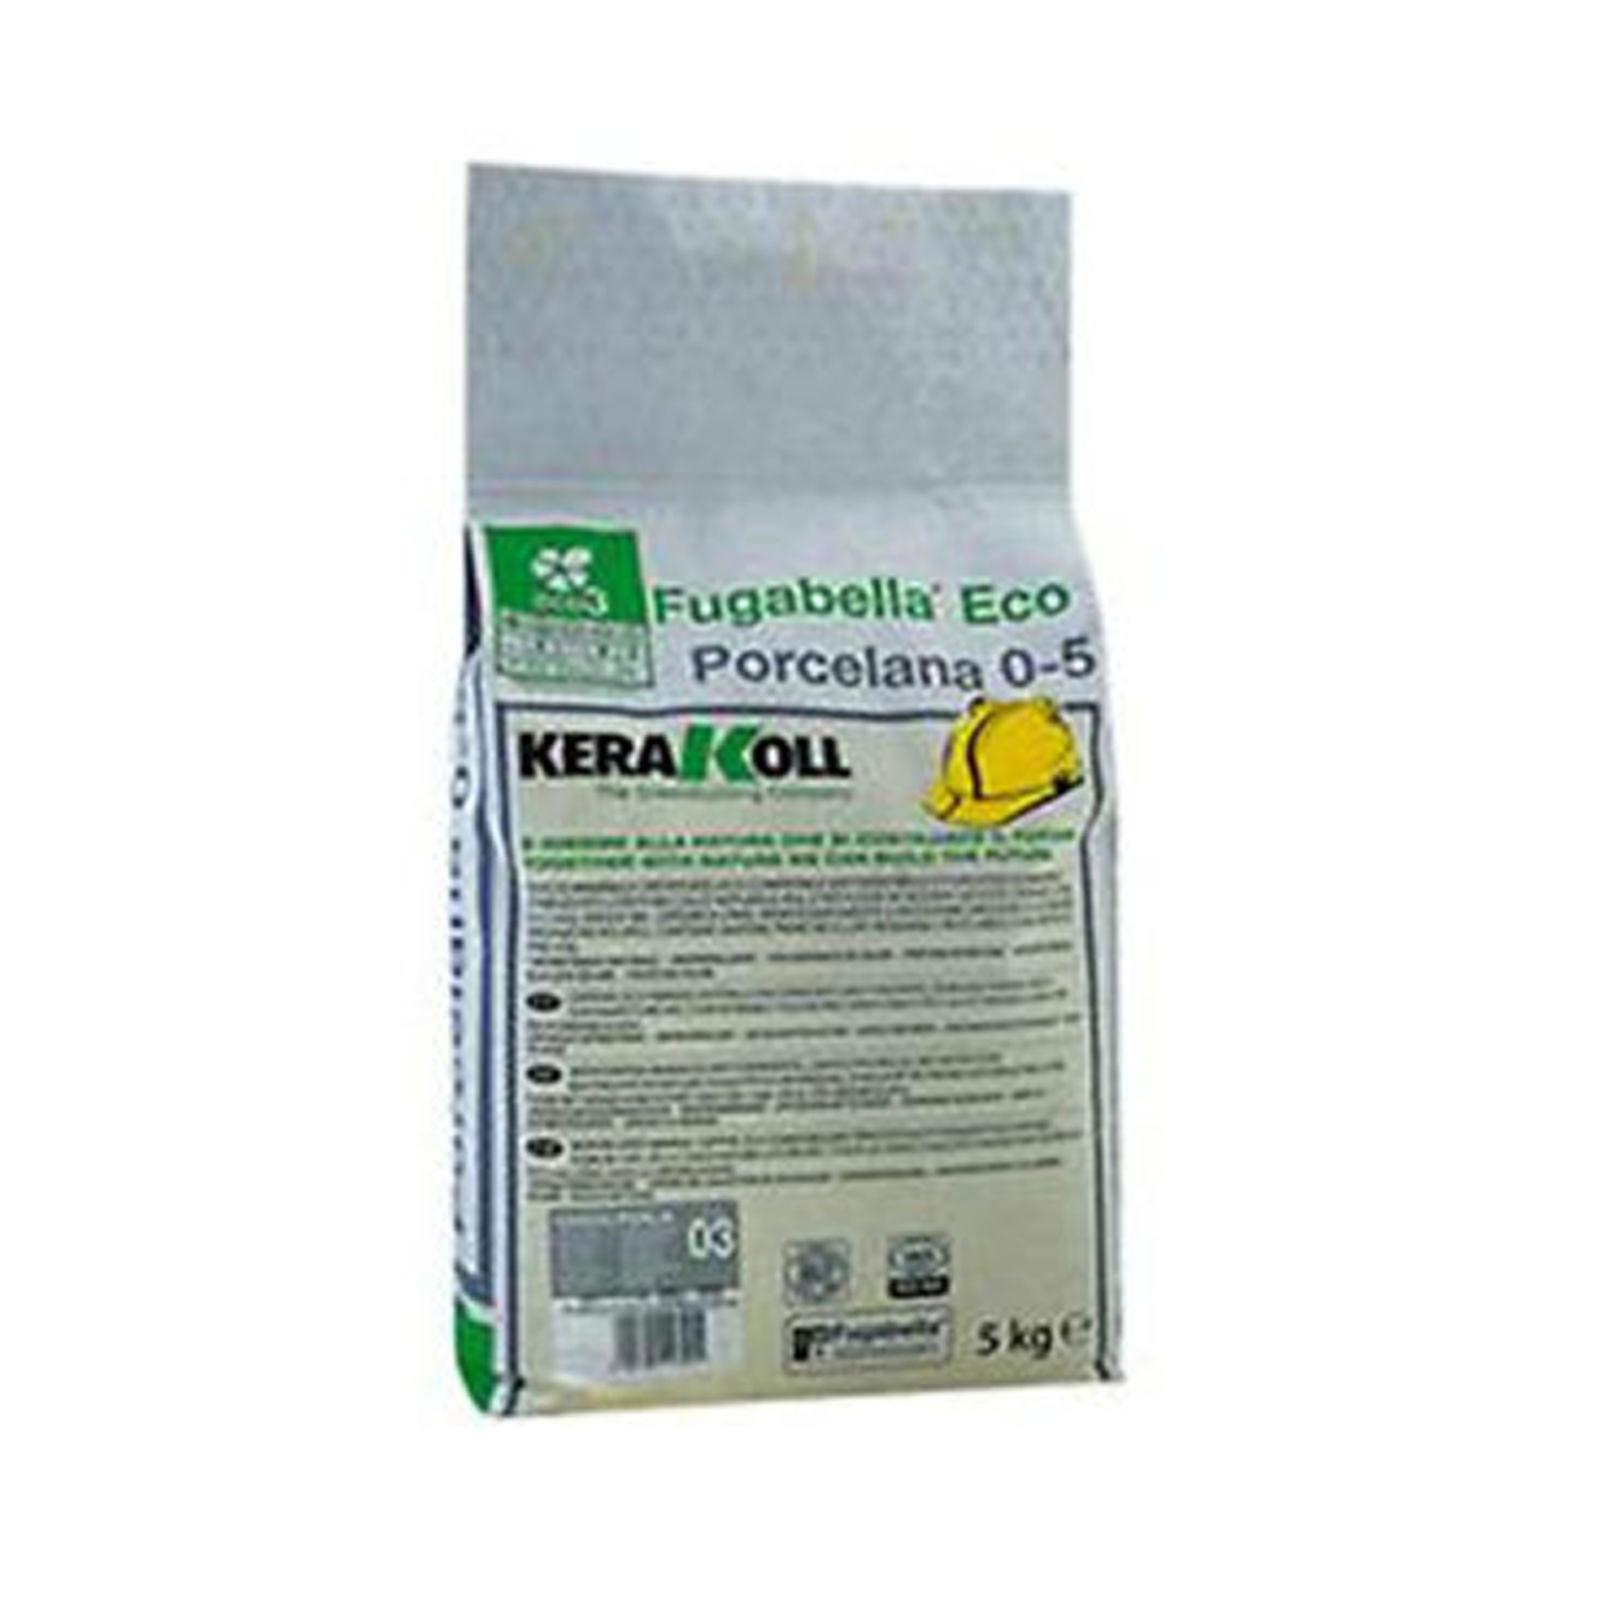 Kerakoll fugabella eco porcelana 0-5 fuga stucco per piastrelle colore bianco kg5